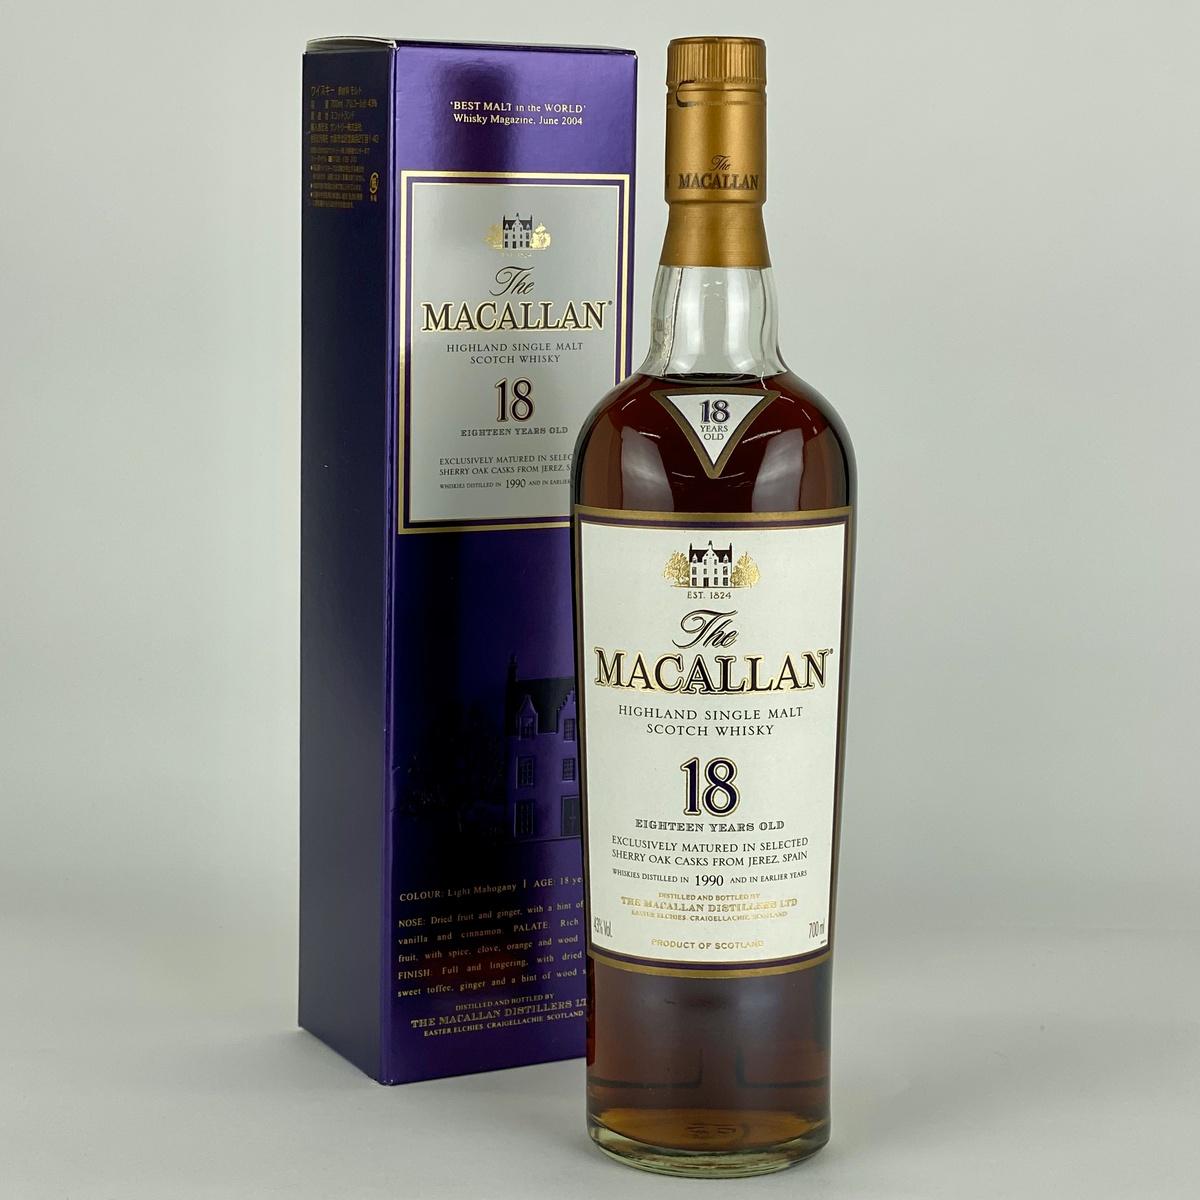 マッカラン MACALLAN 18年 1990 700ml スコッチウイスキー シングルモルト 【古酒】